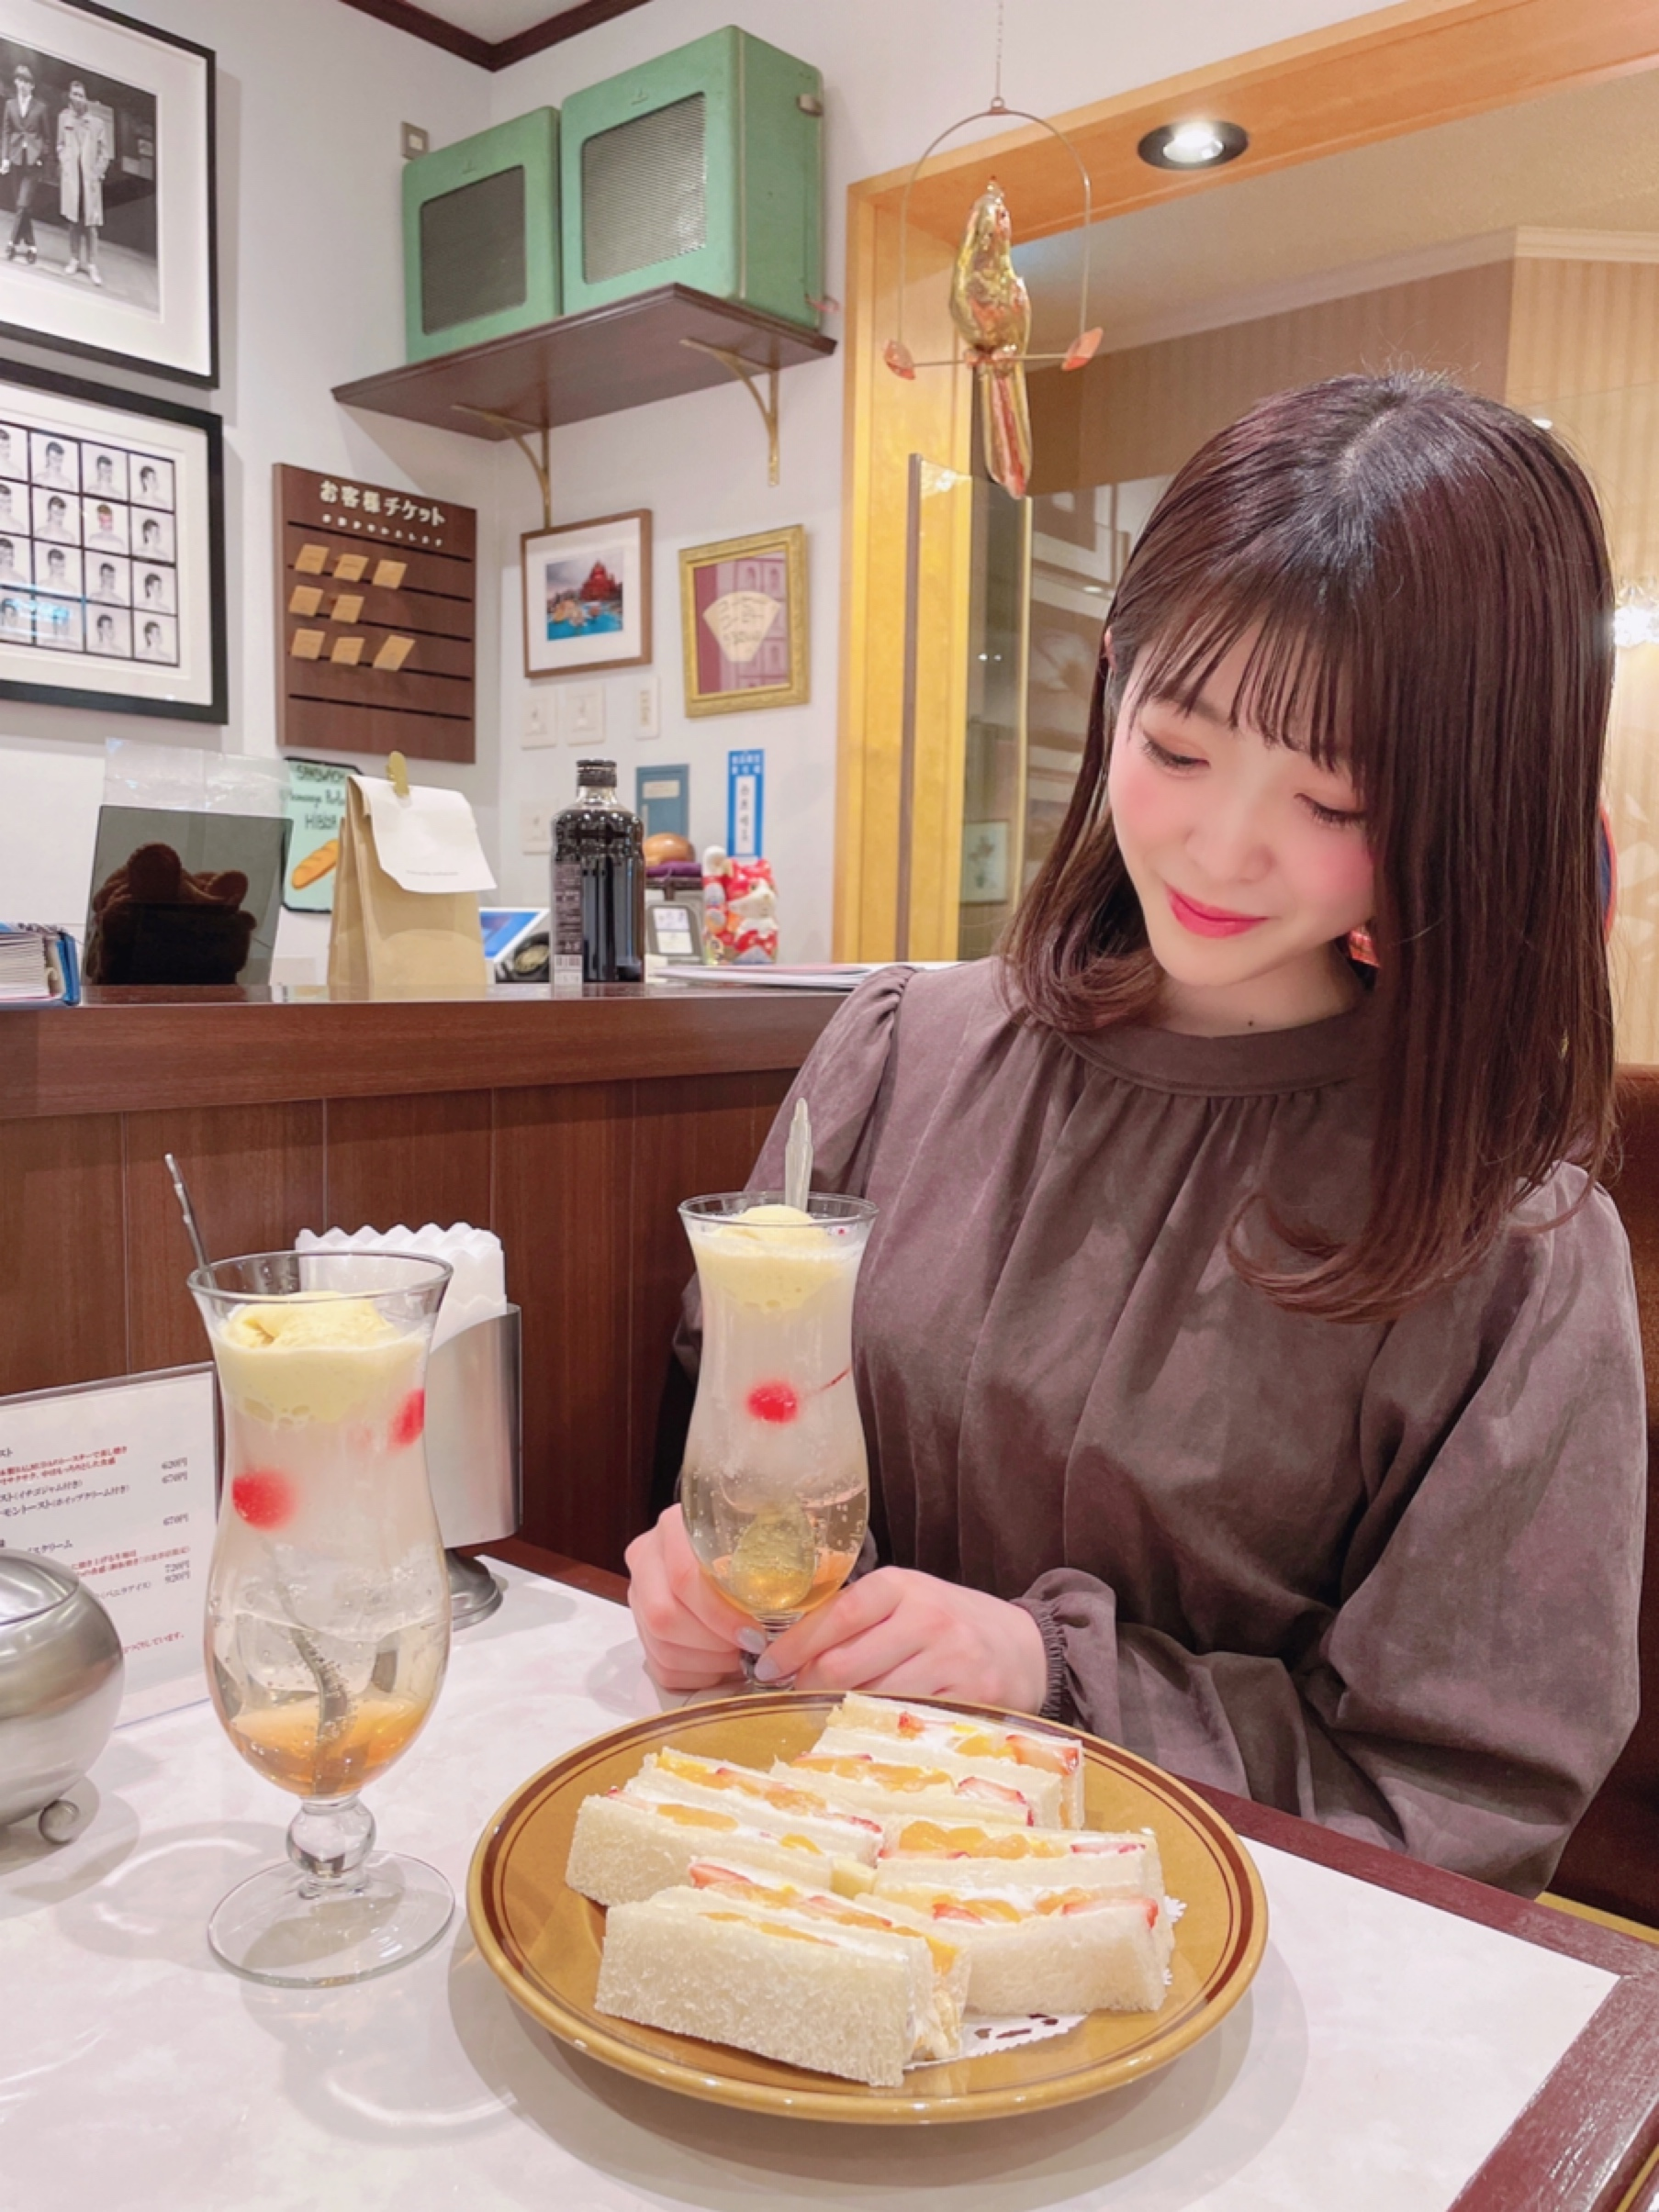 【喫茶店好きオススメ】映える穴場な喫茶店みつけた♡_1_5